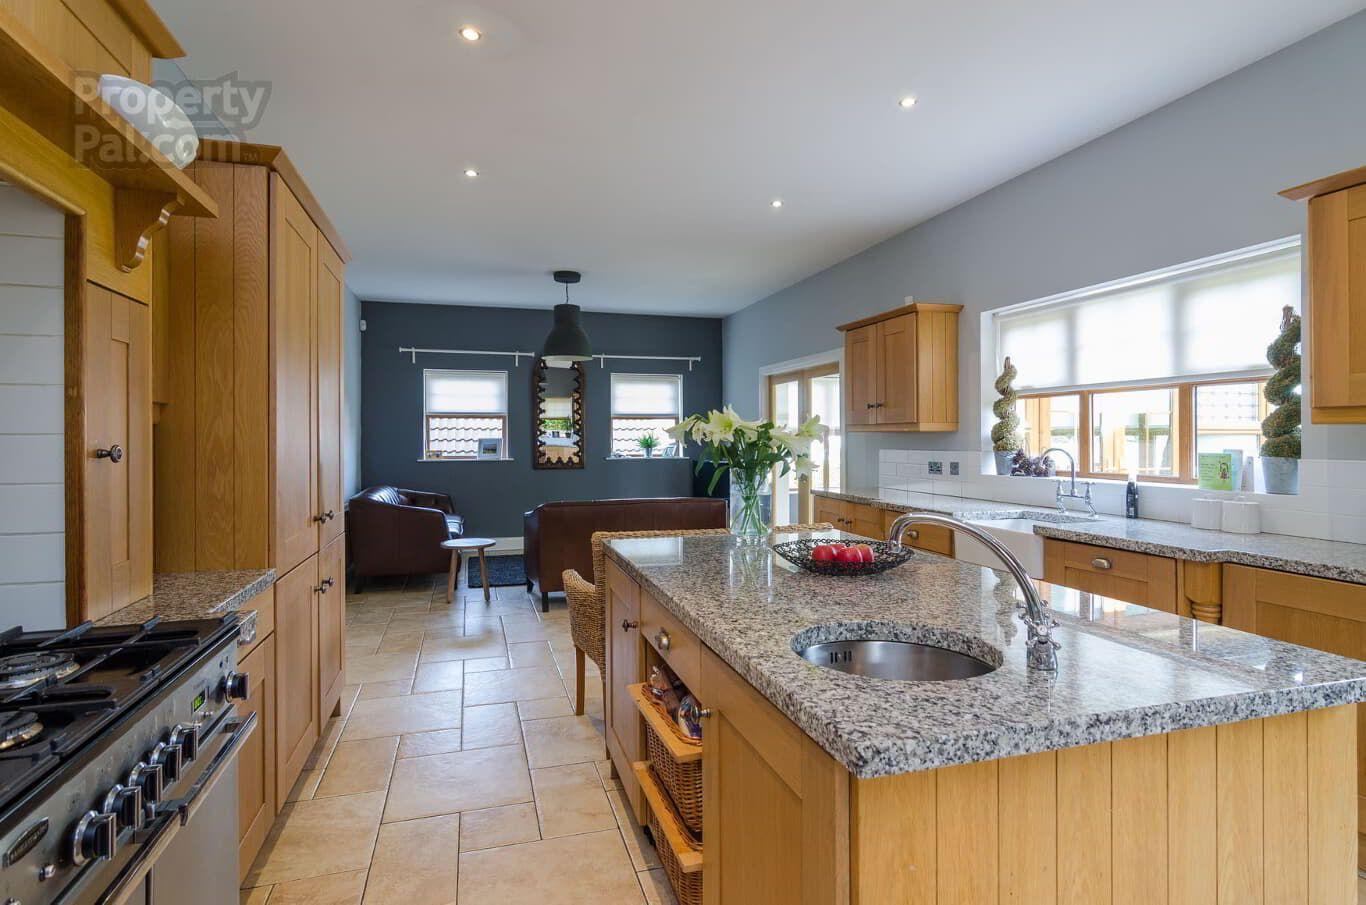 8 Downshire Park South, Hillsborough PropertyPal